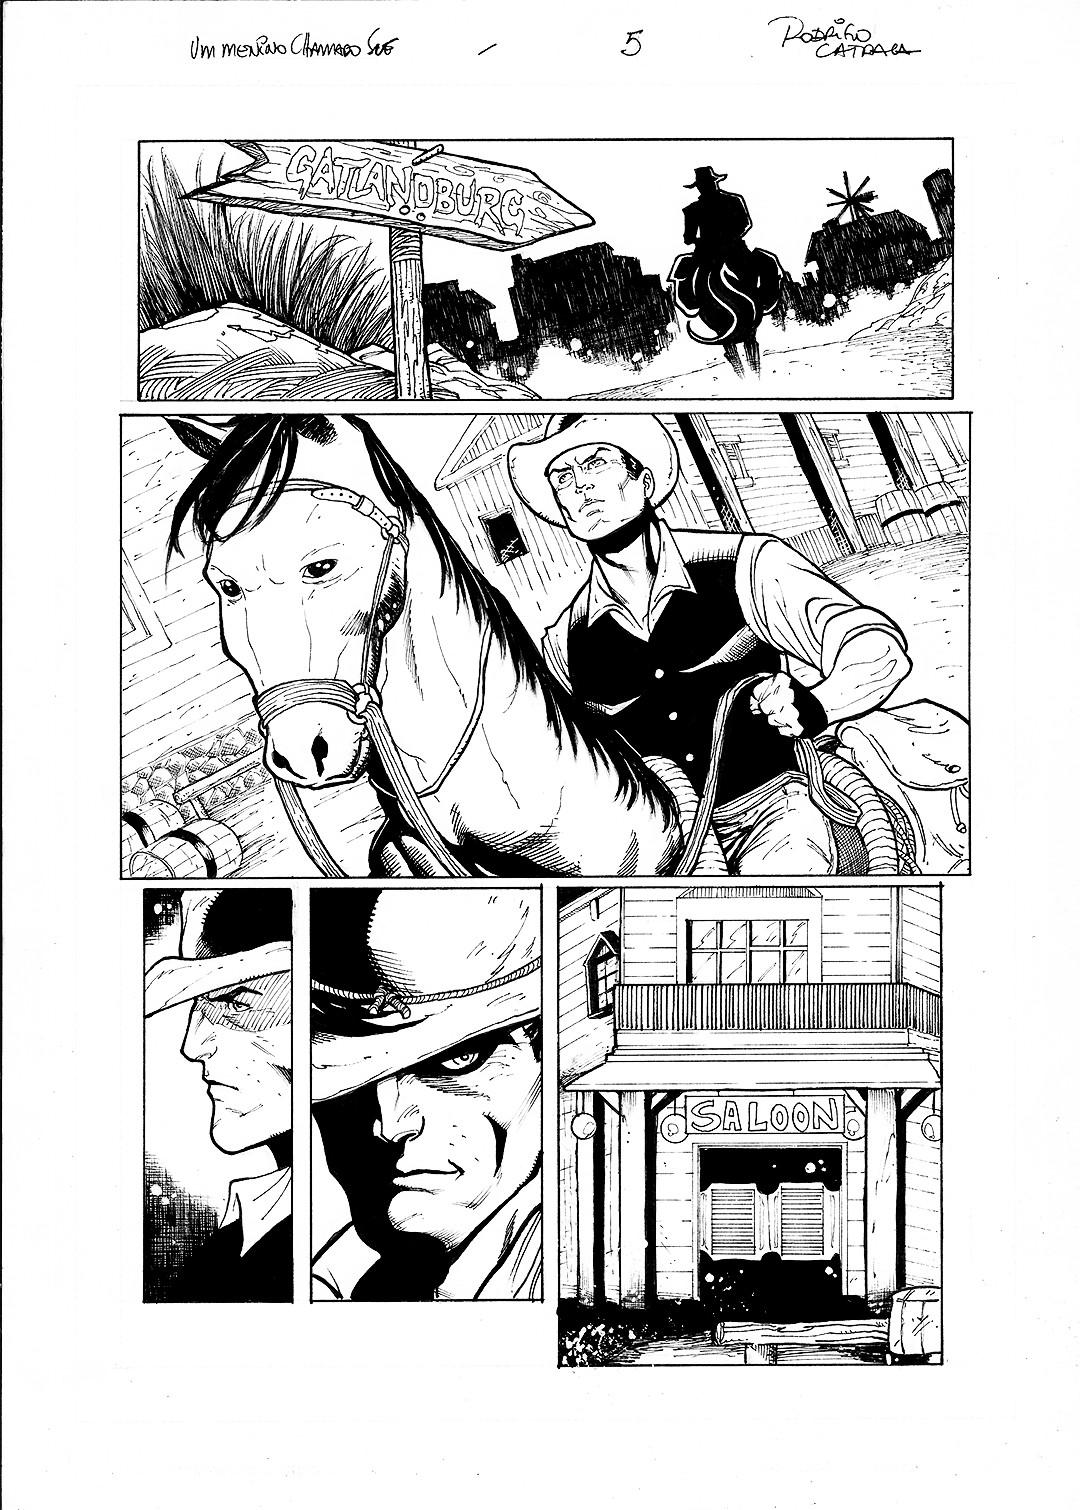 Rodrigo catraca sue pg 5